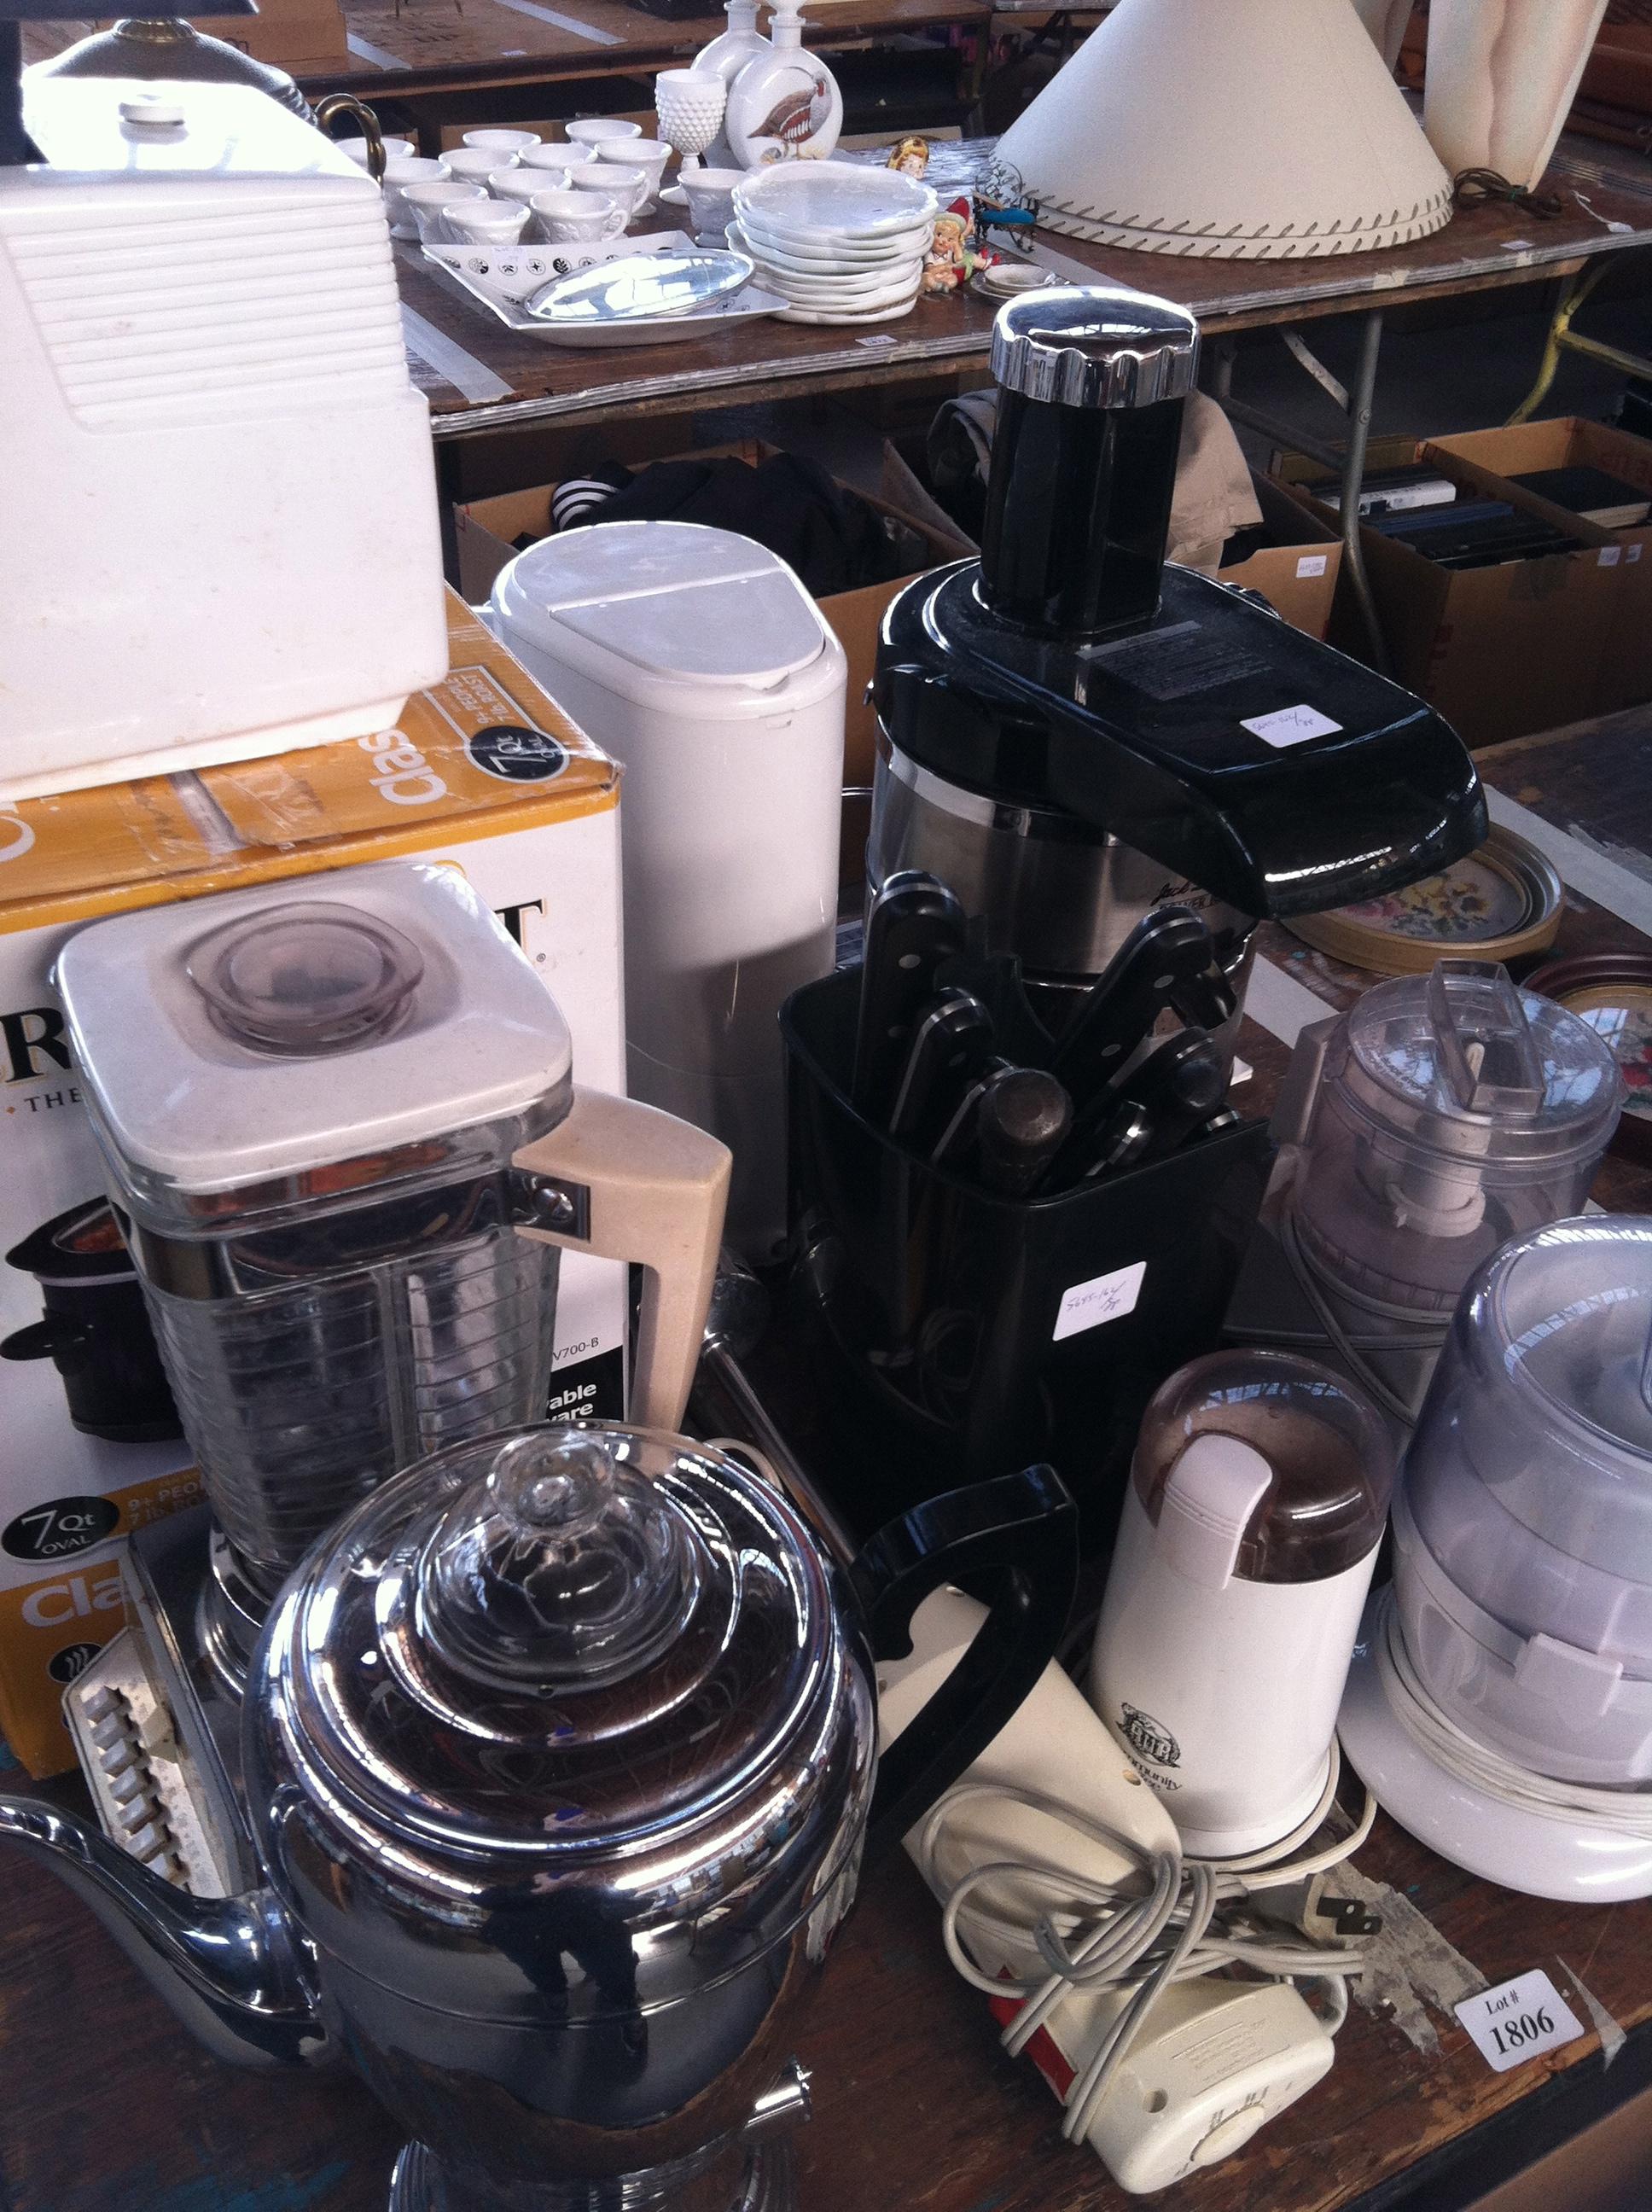 Uncategorized Kitchen Appliances Auction kitchen appliances at estate auction lisa kramer vintage auction